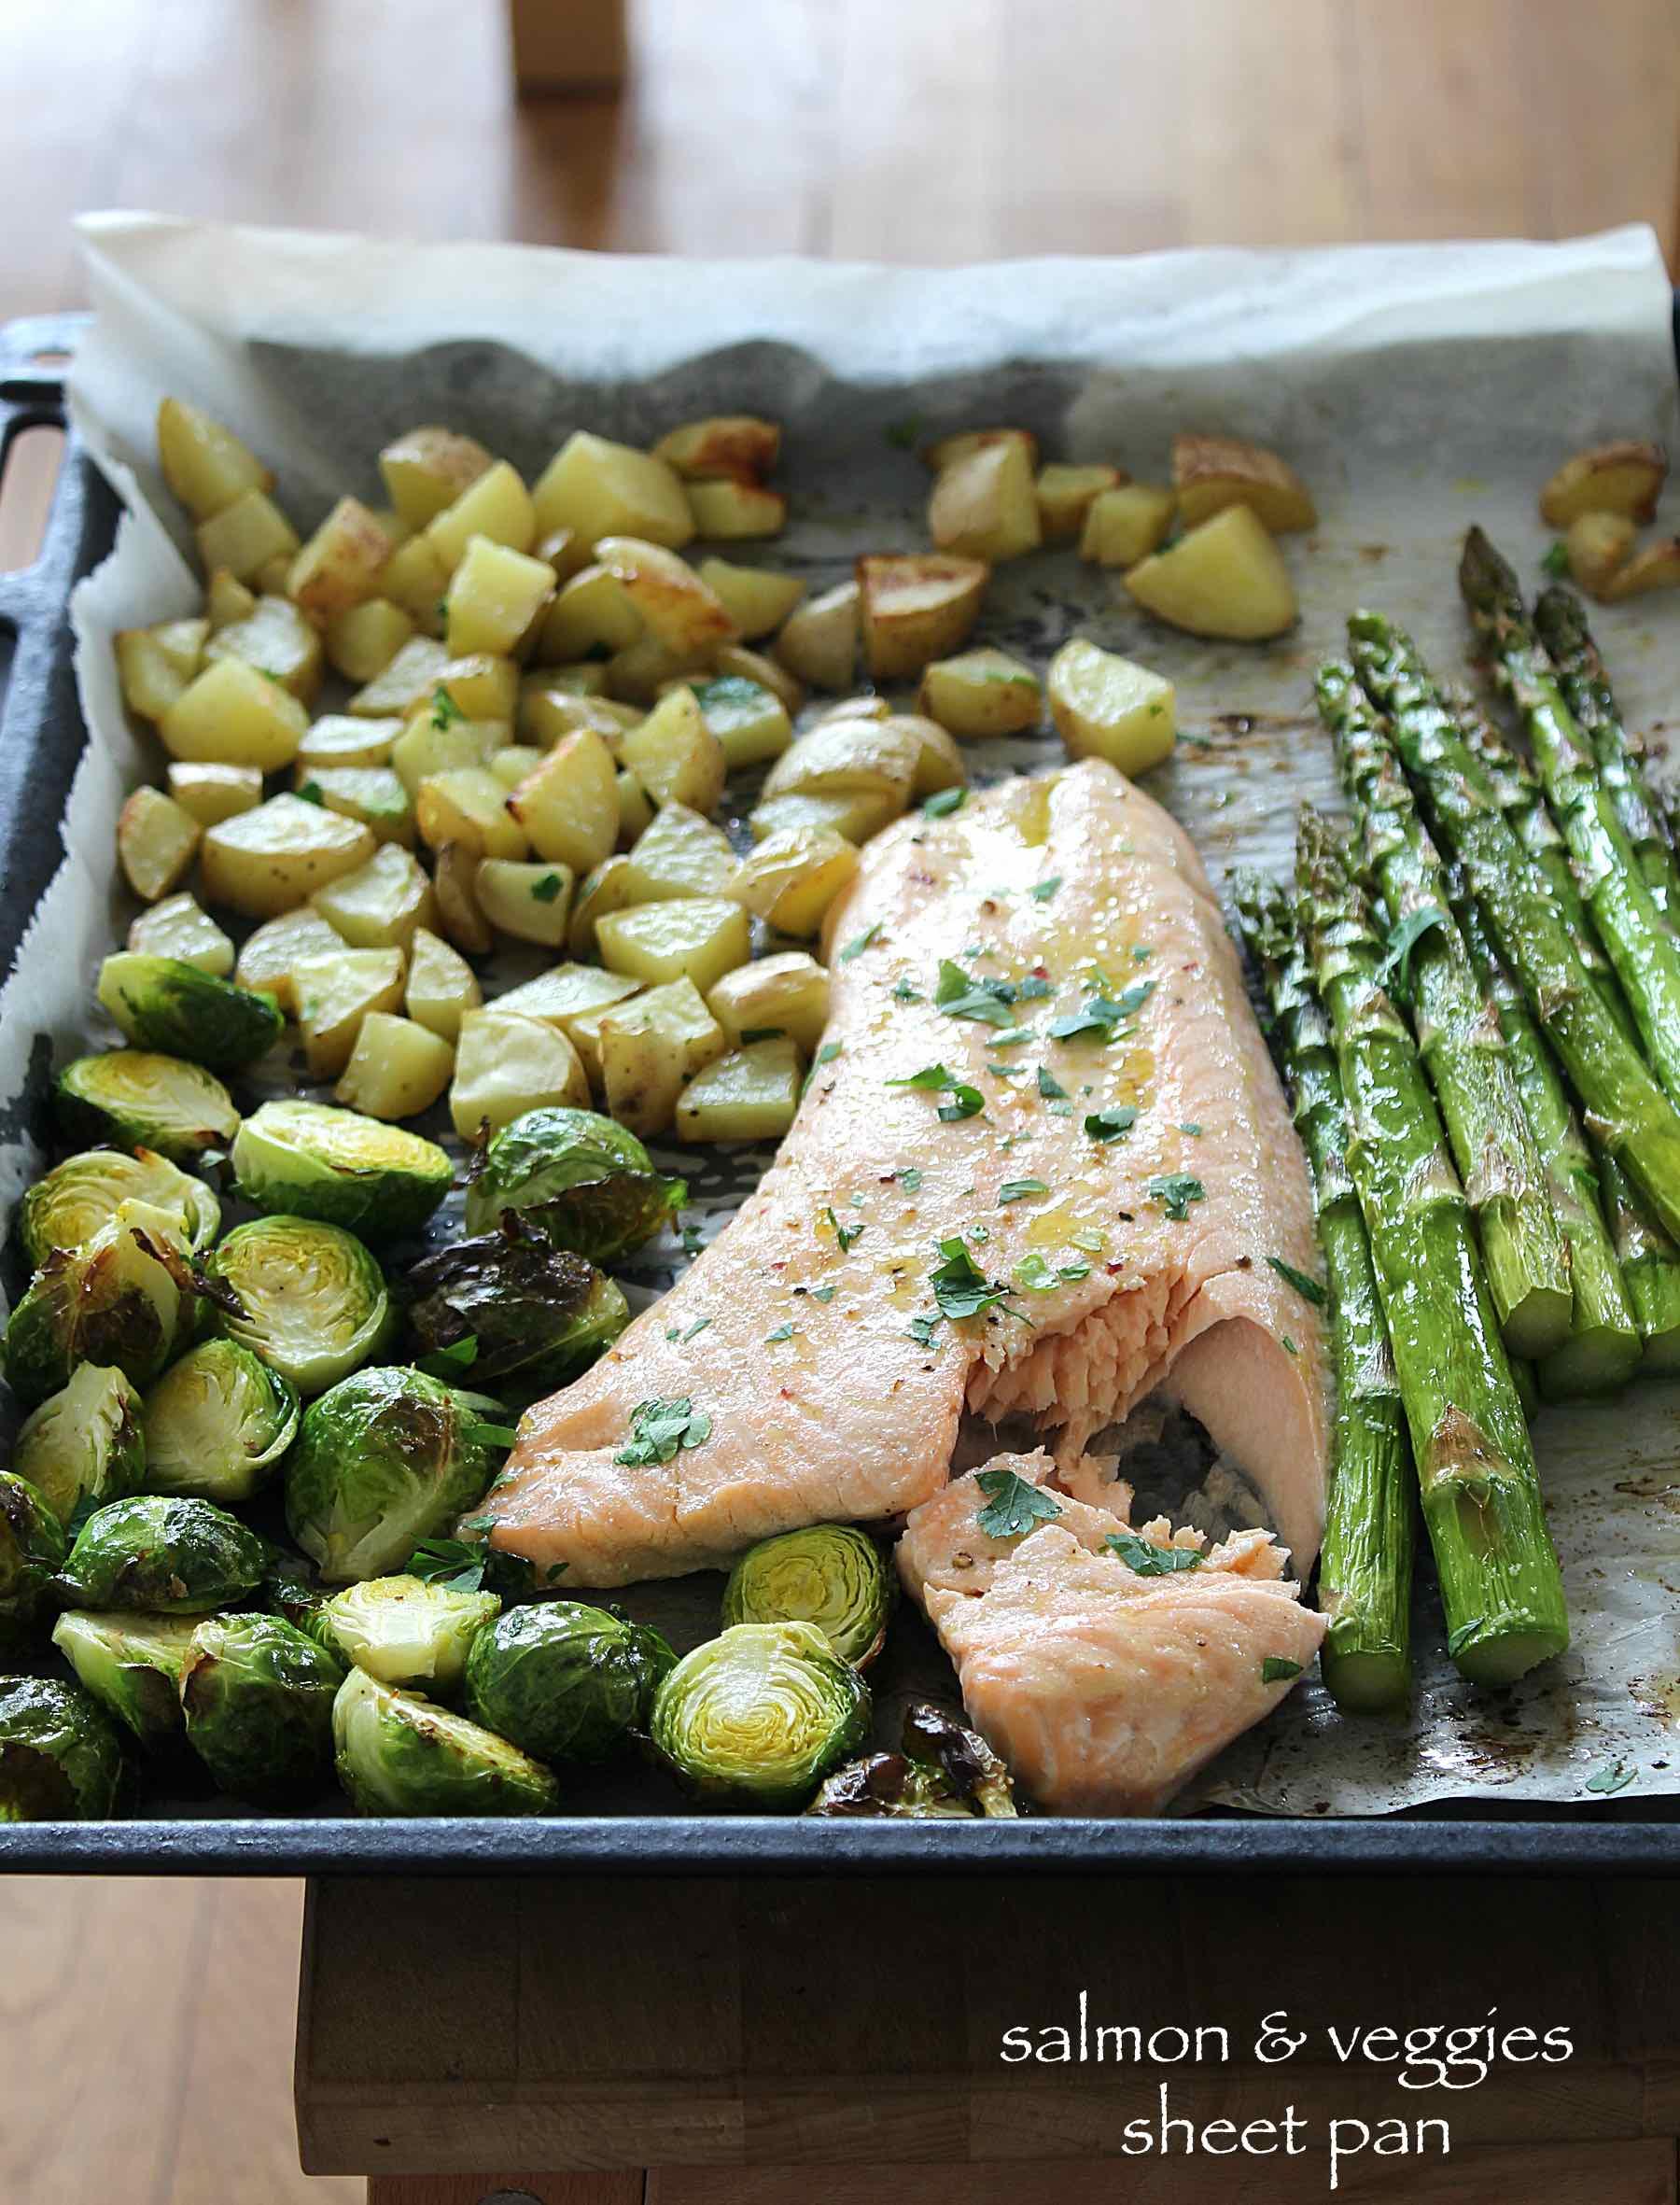 Sheet pan salmon and roasted veggies